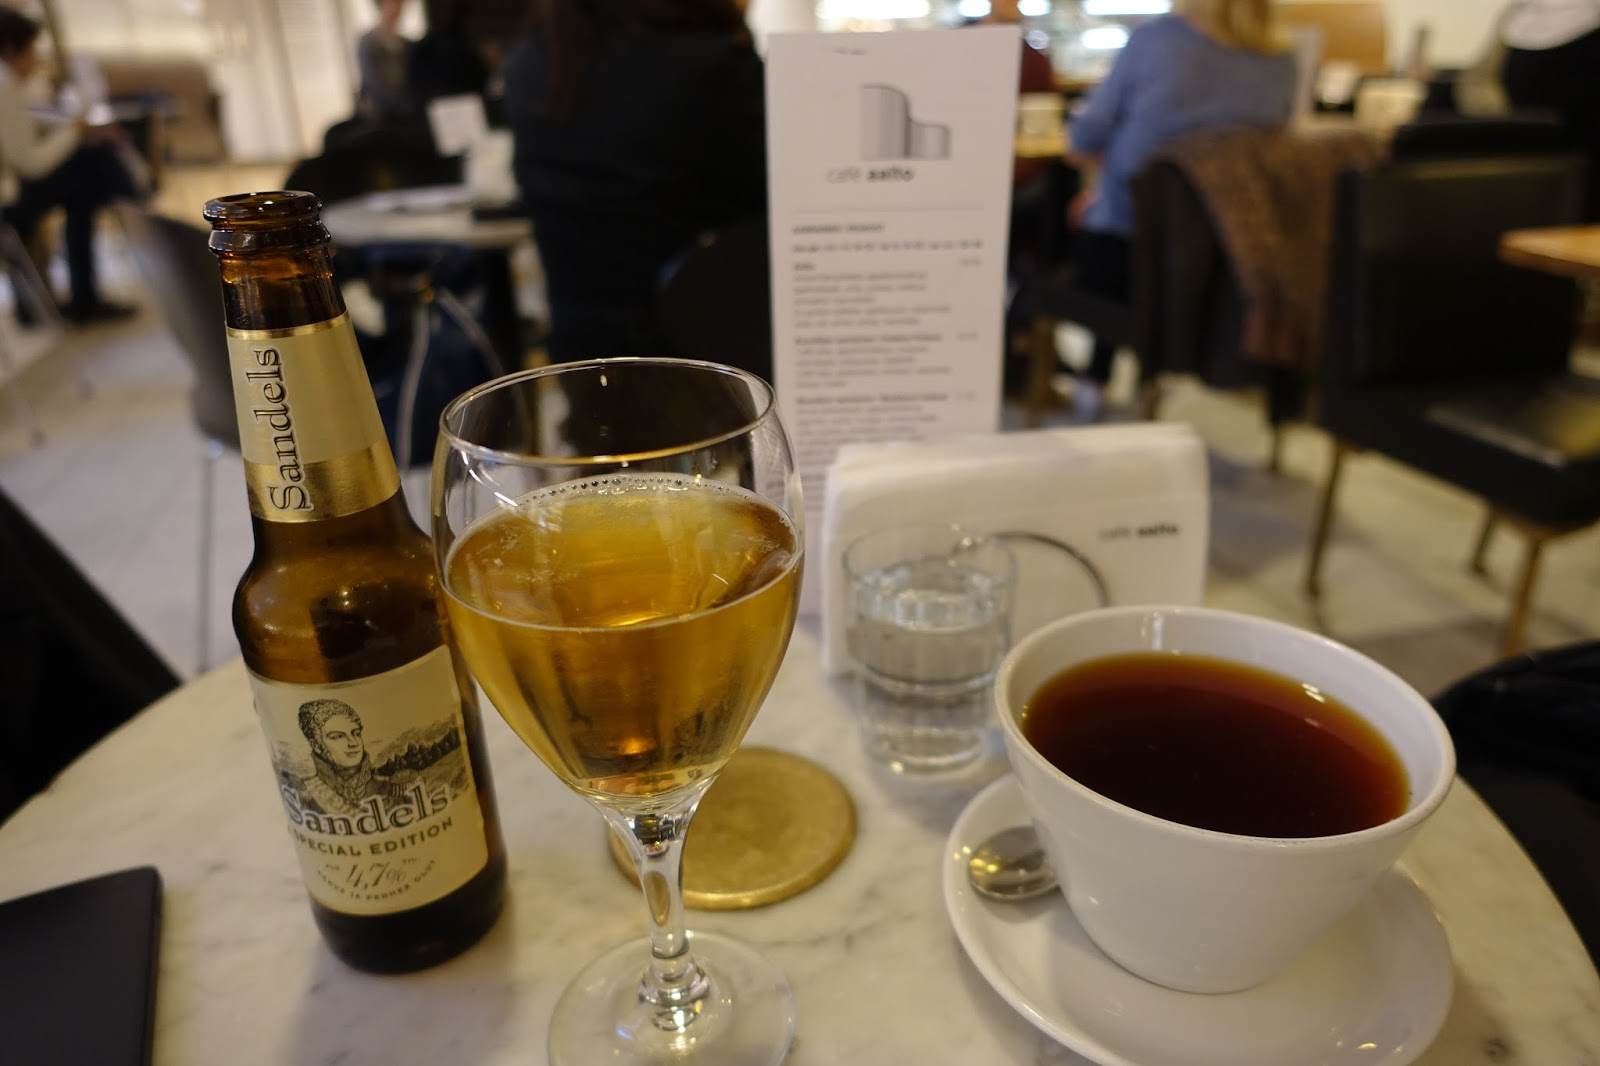 カフェ・アアルト(Cafe Aalto) サンデルスビール(Sandels)